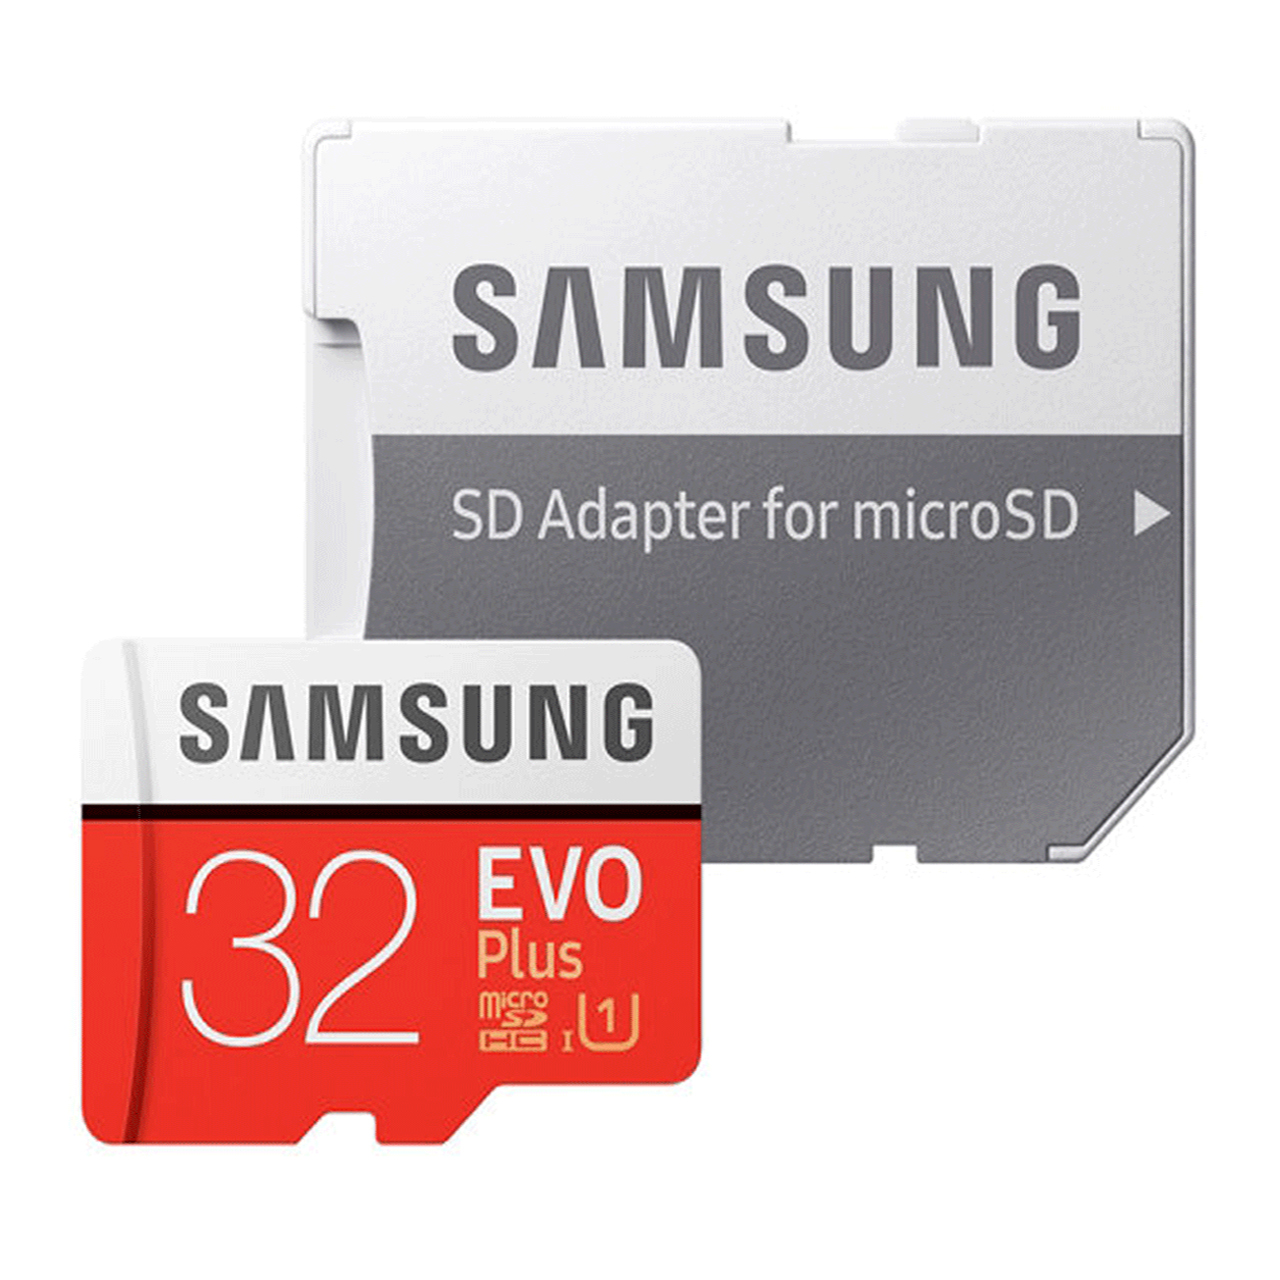 کارت حافظه microSDHC مدل Evo Plus کلاس 10 استاندارد UHS-I U1 سرعت 80MBps ظرفیت 32 گیگابایت به همراه آداپتور SD